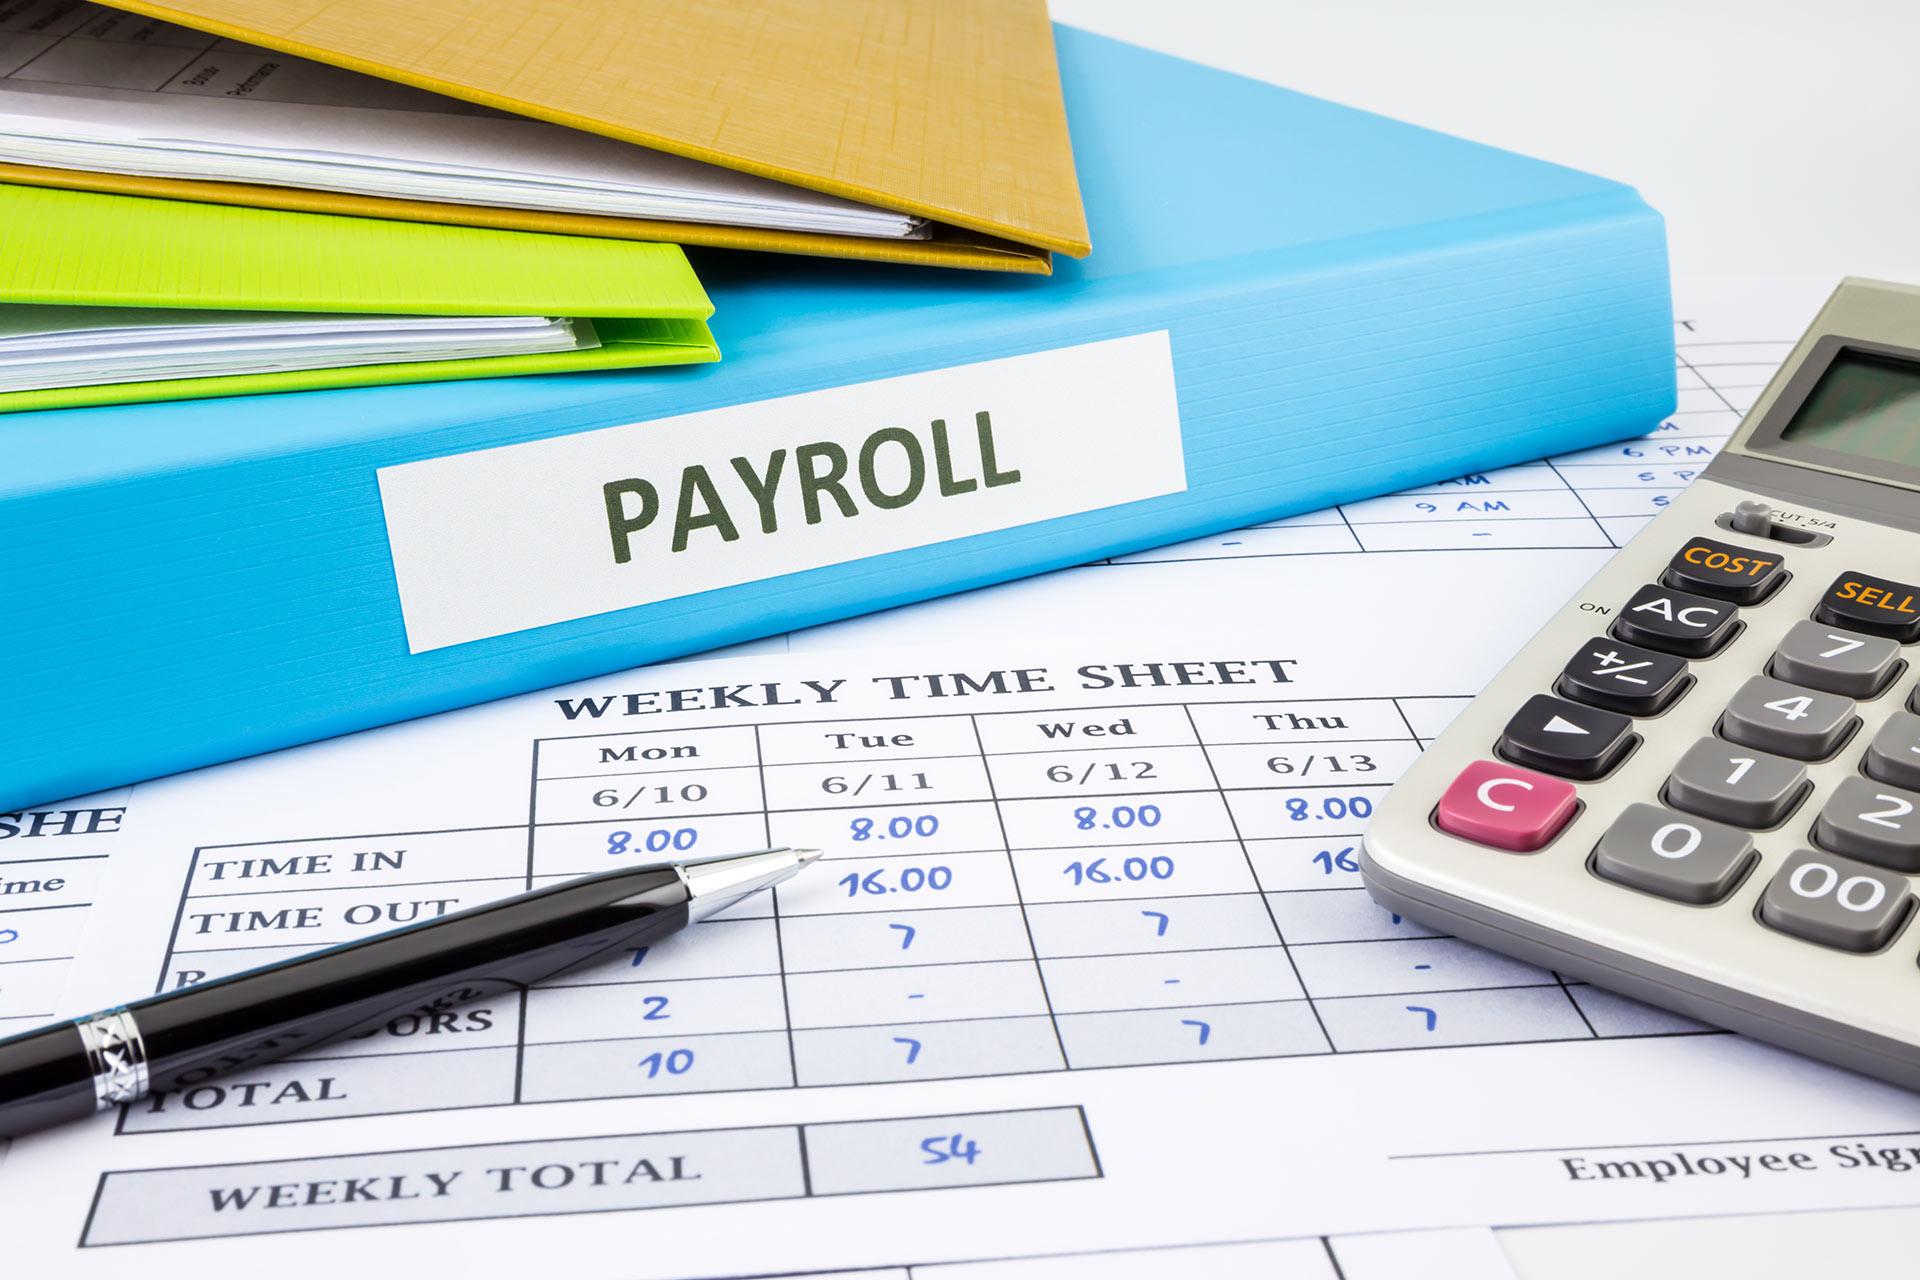 Wat zijn de verschillen tussen Payroll en uitzendbureau voor een werknemer?